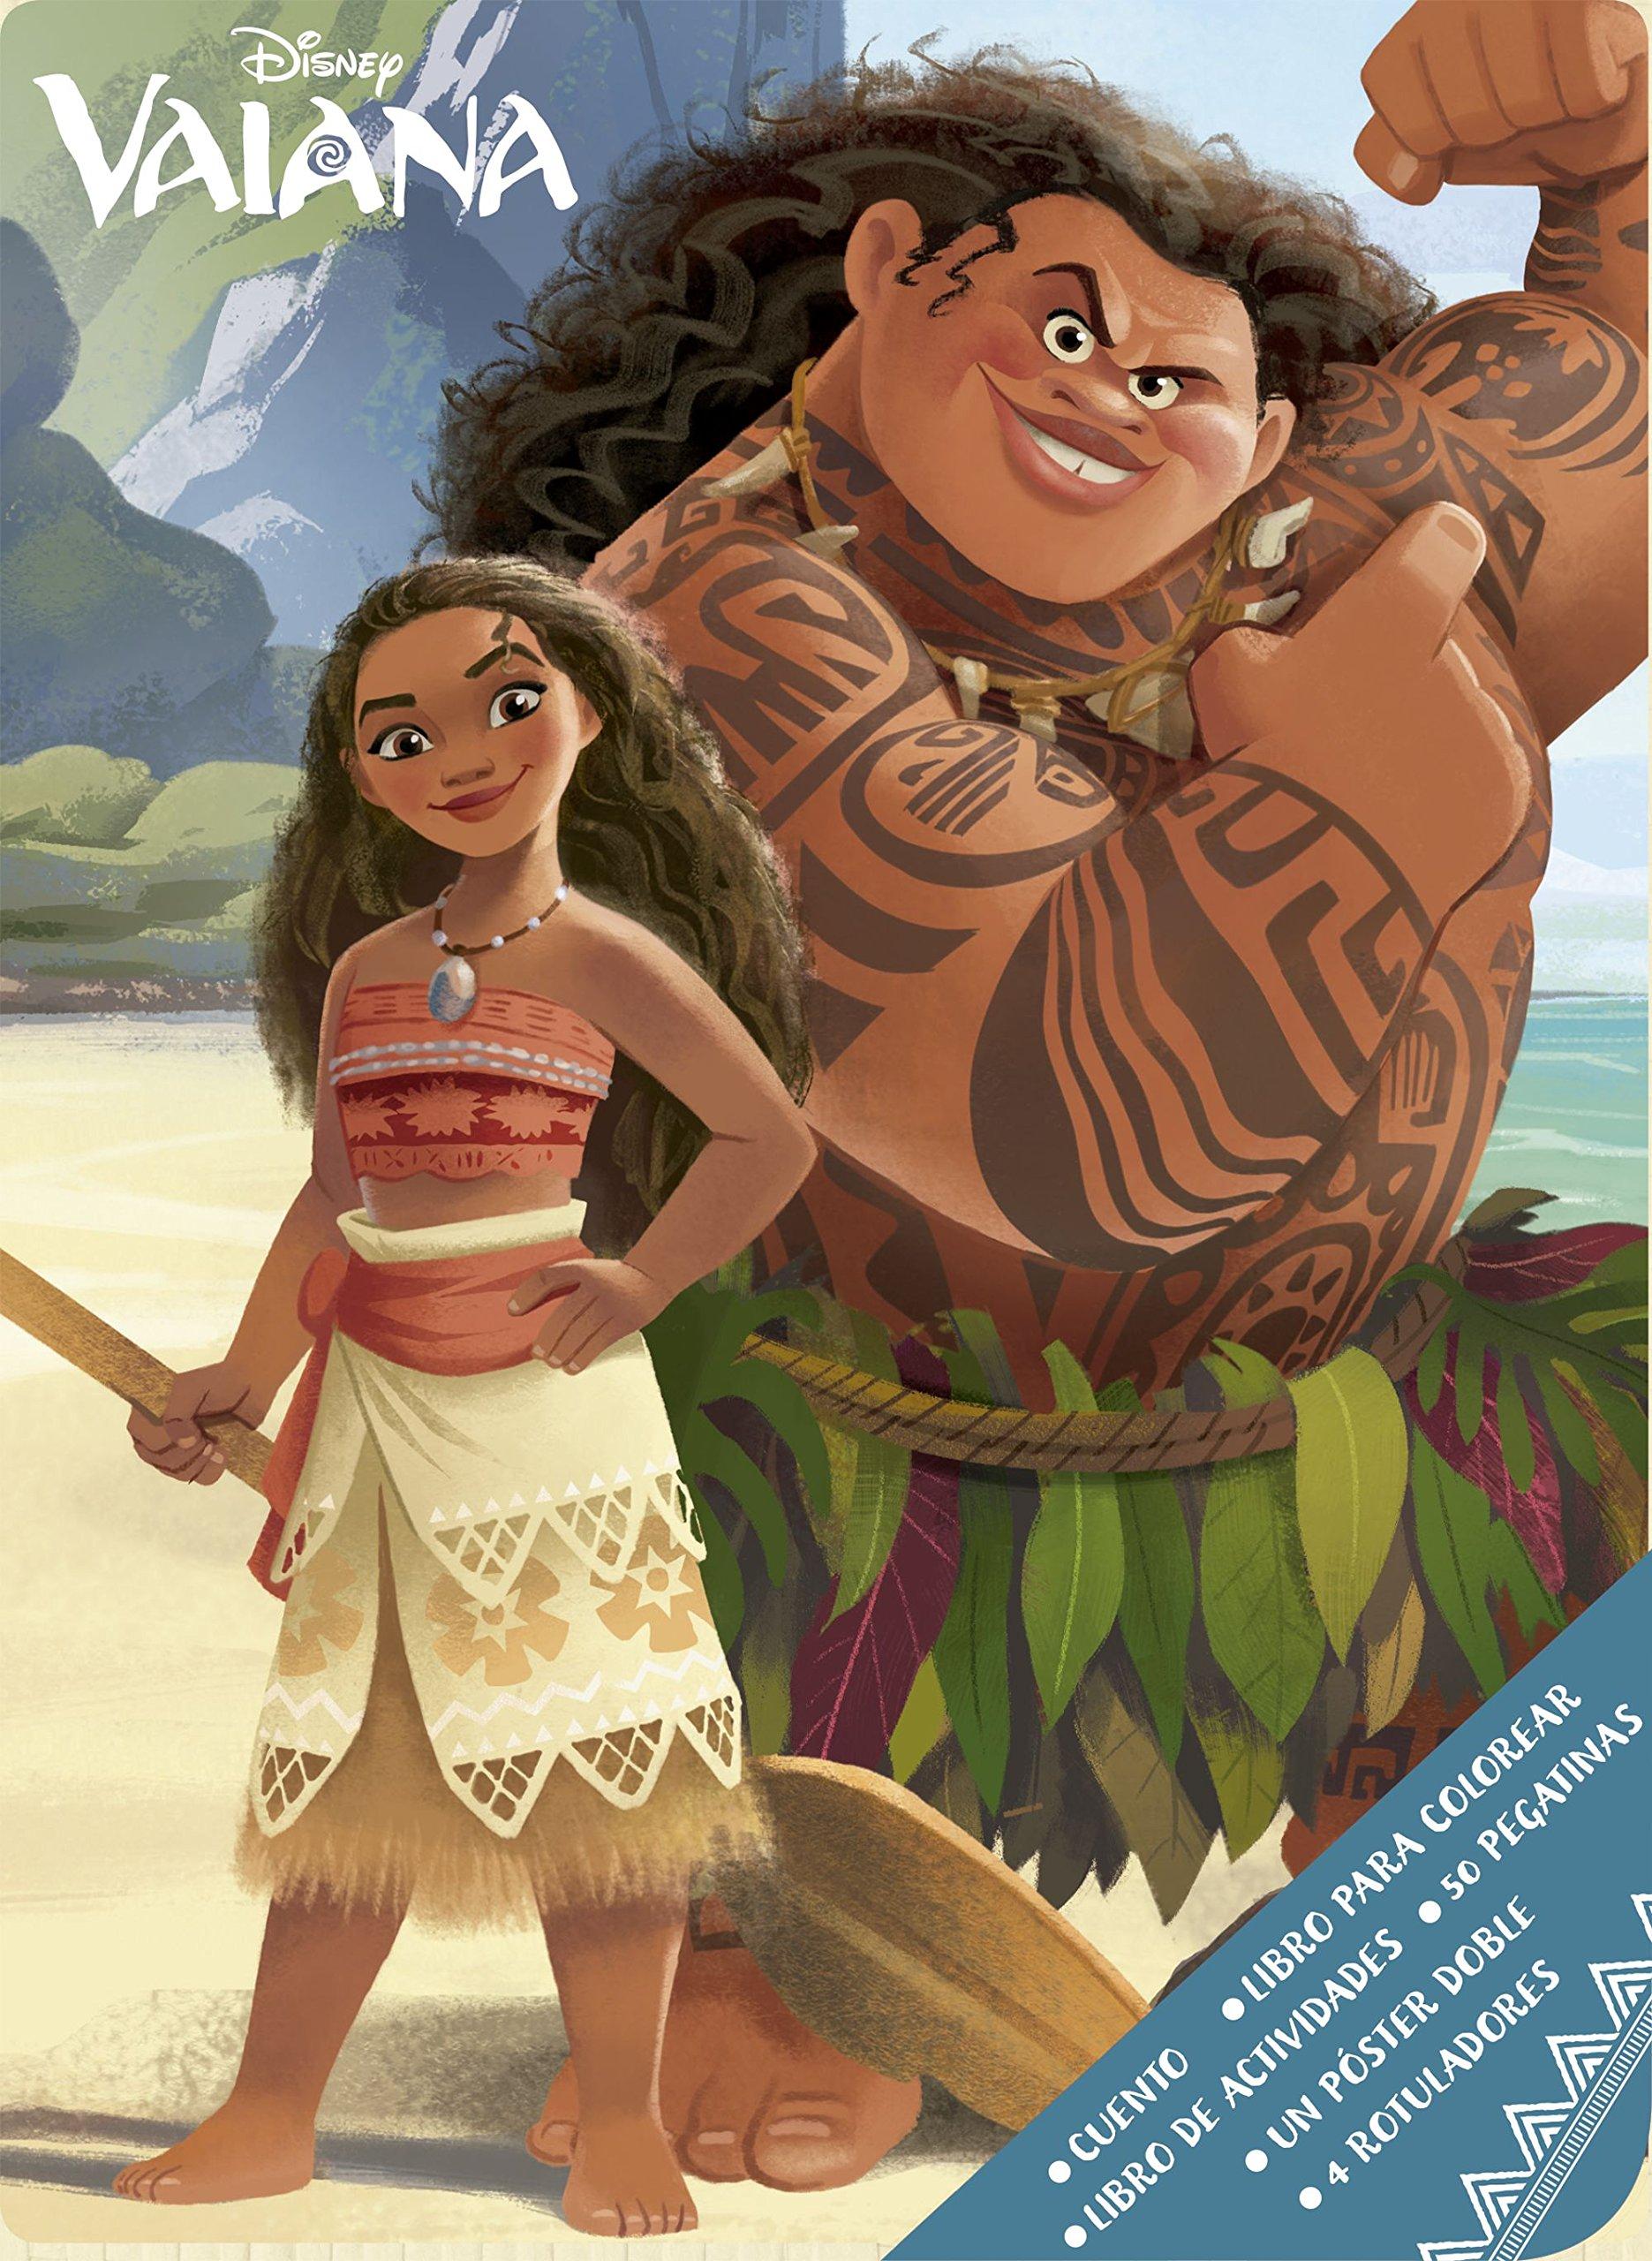 Vaiana. Caja metálica (Disney. Vaiana): Amazon.es: Disney, Editorial Planeta S. A.: Libros